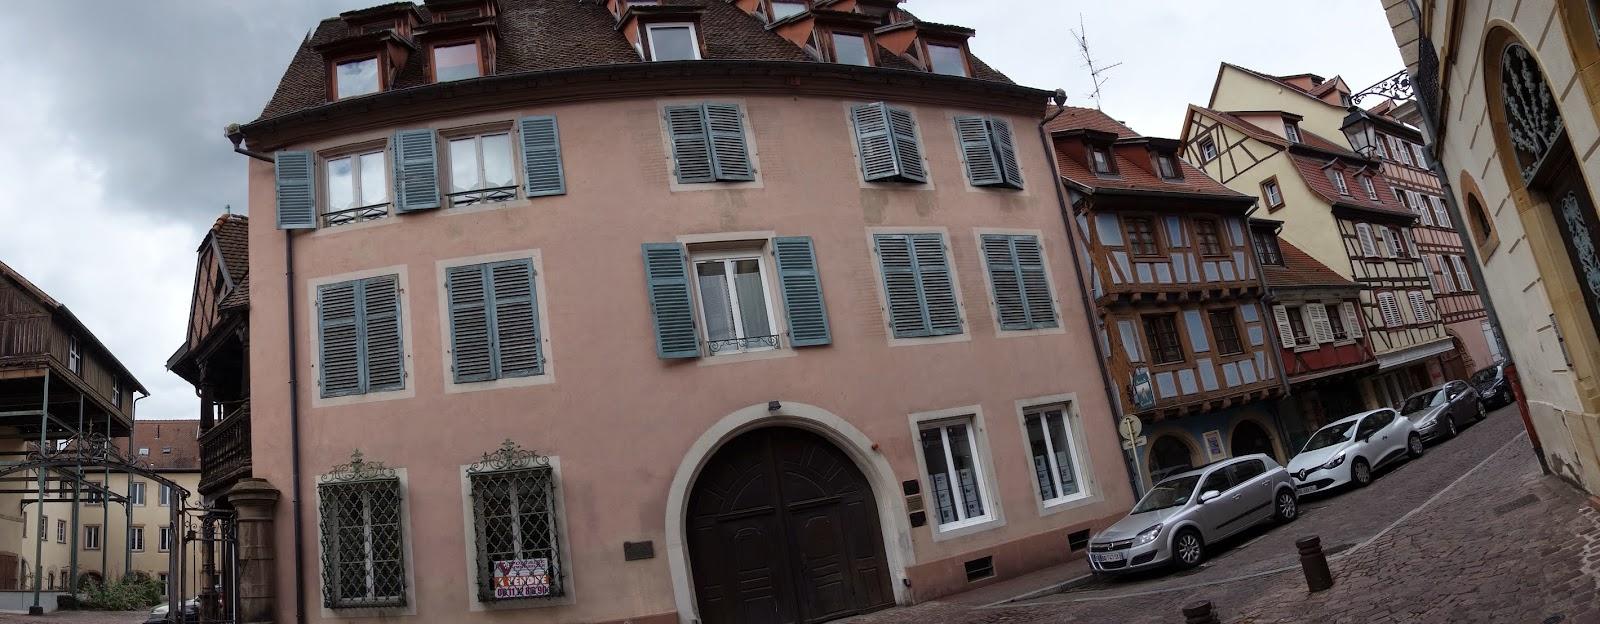 Кольмар - дом Вольтера